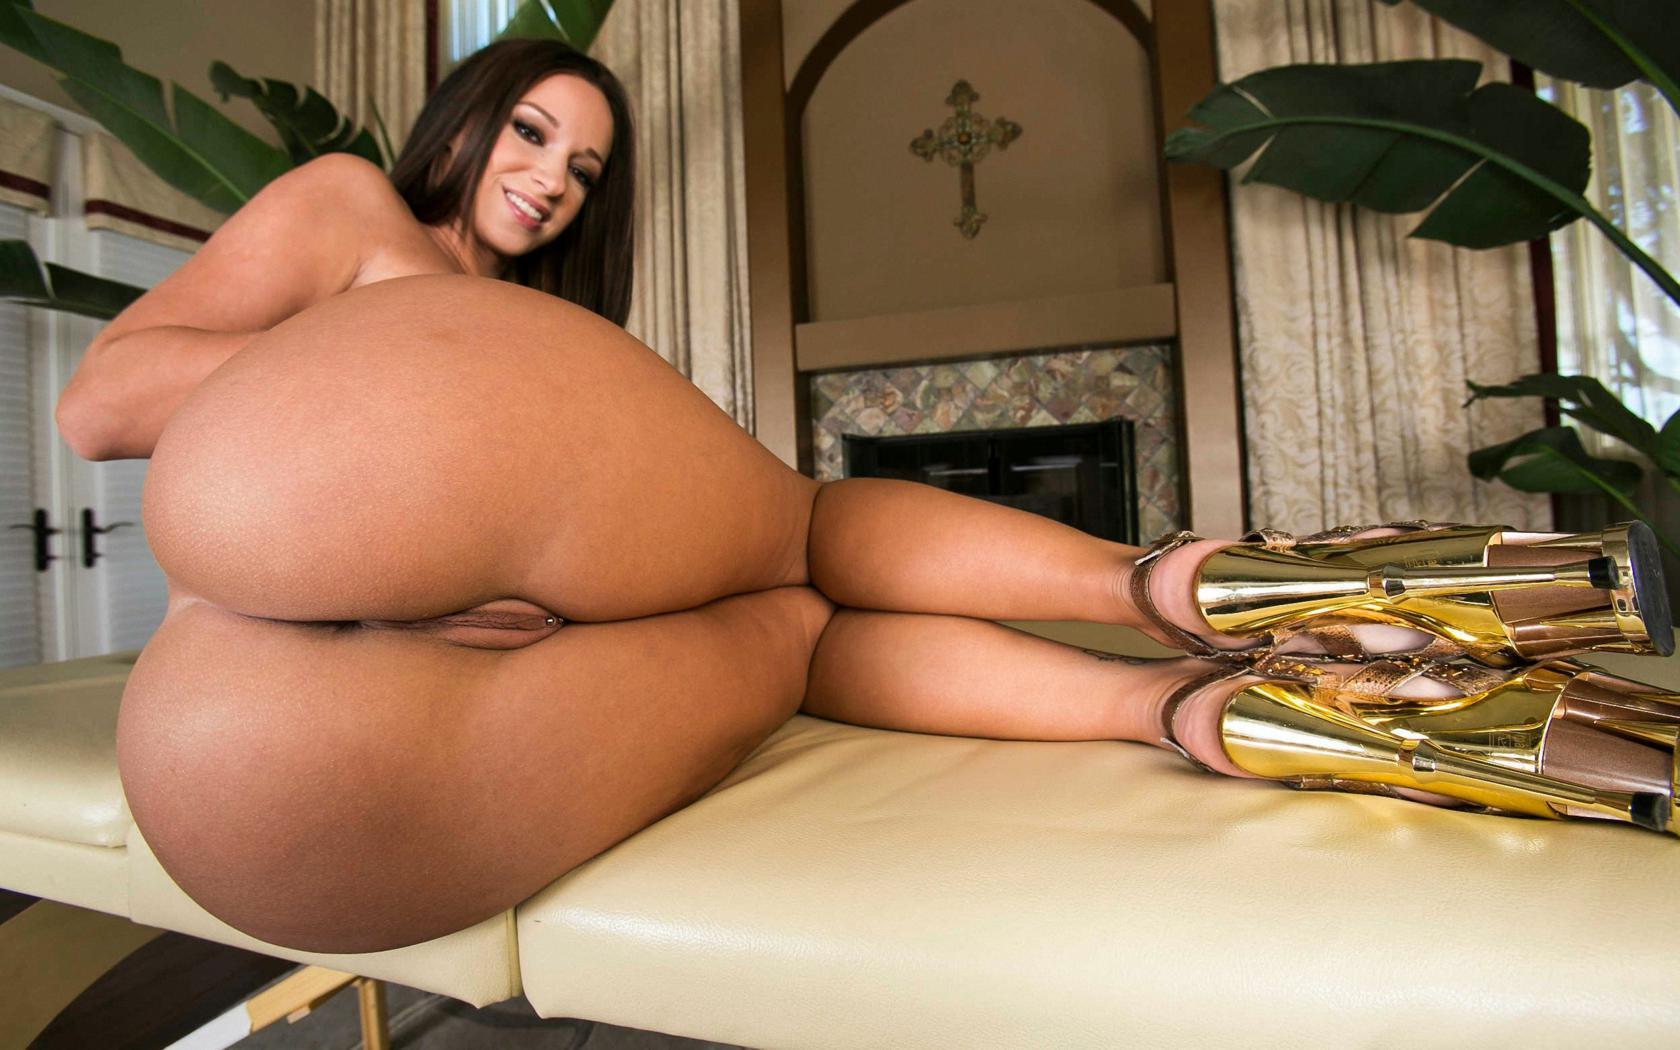 Nikki reed free porn photos